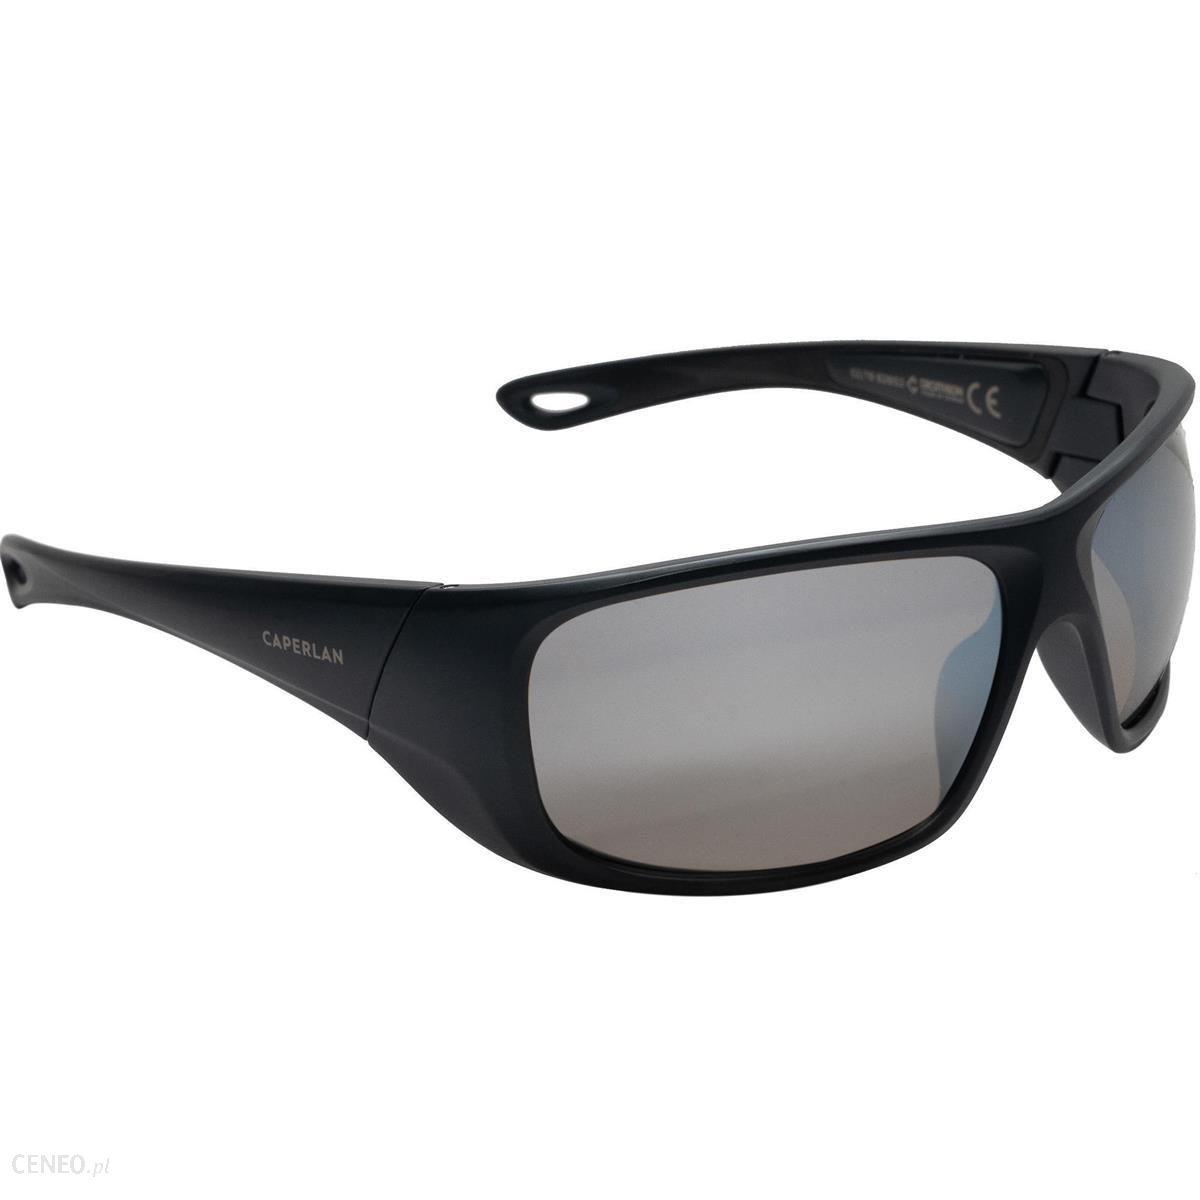 Caperlan Okulary Polaryzacyjne Skyrazer 500 Szary